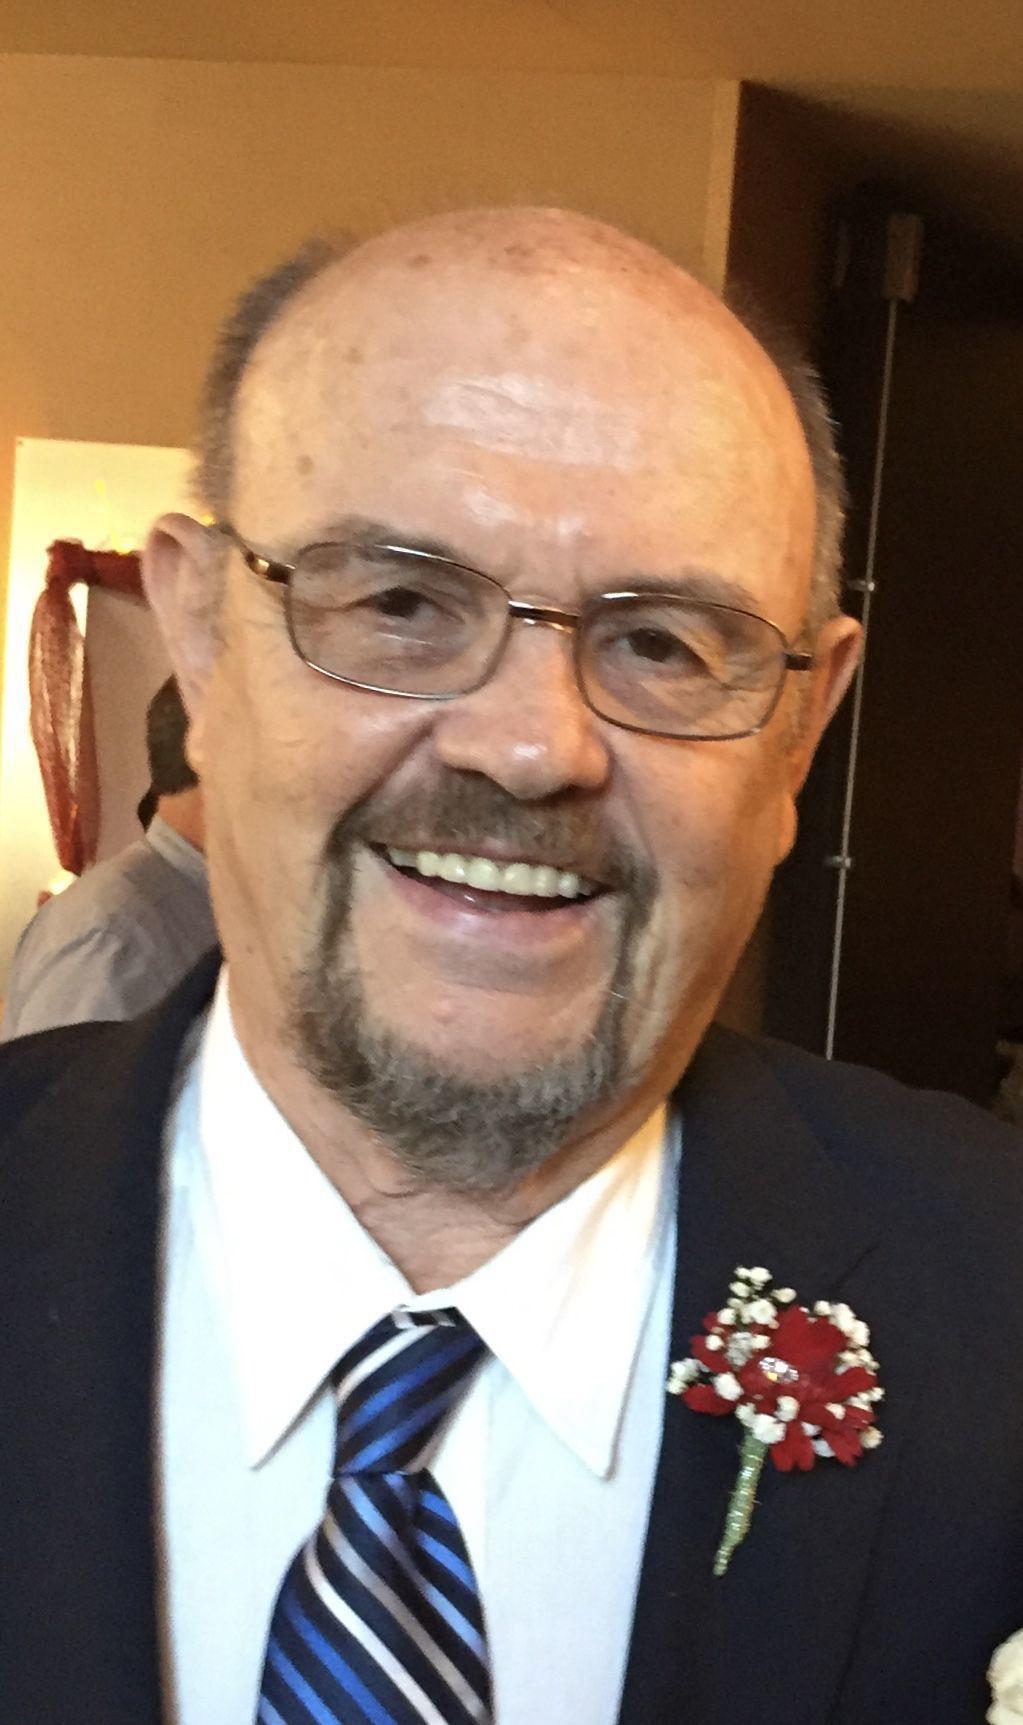 Roger Willard Marsh